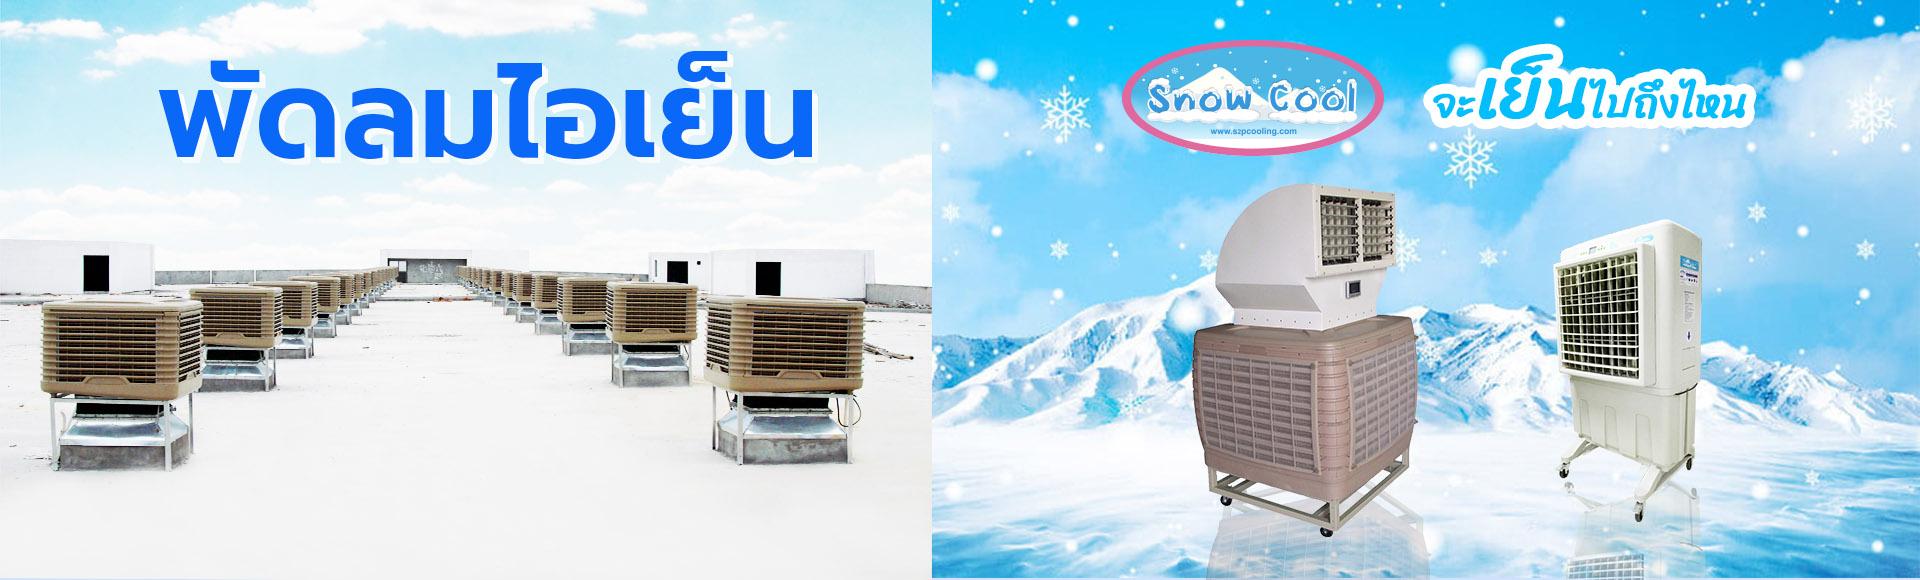 SNOWCOOL